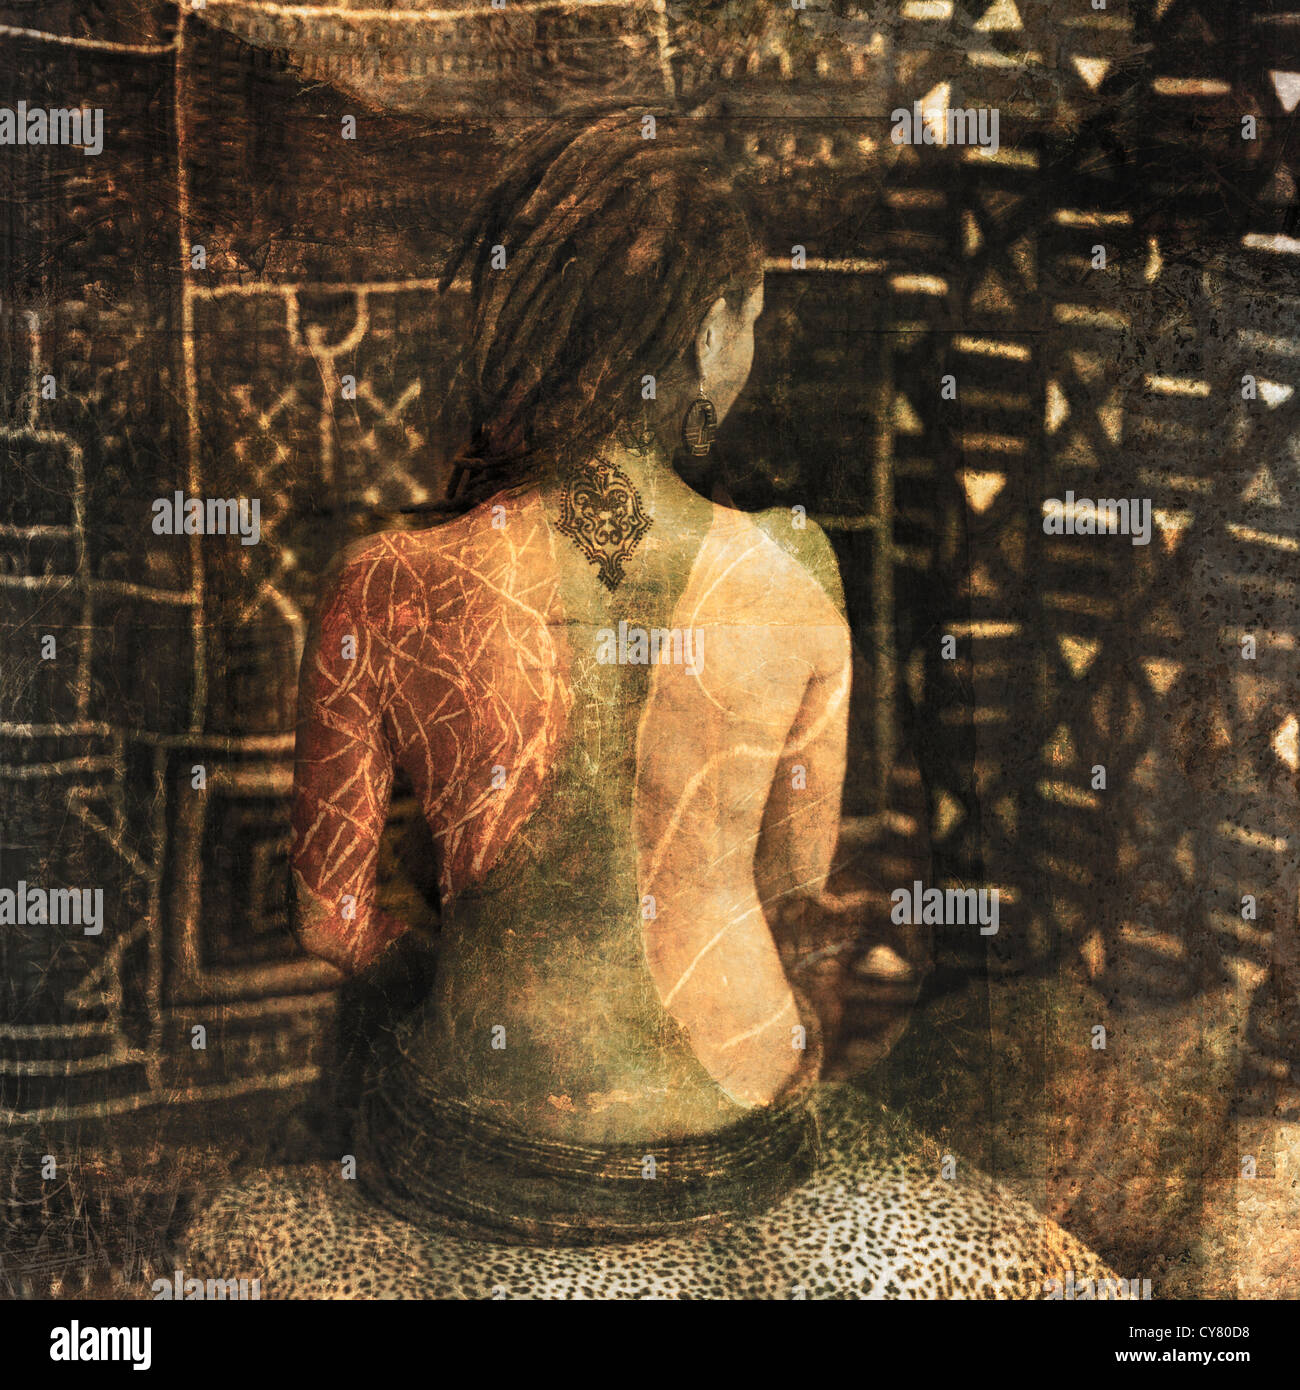 Weibliche Figur mit Körper markieren Überlagerungen. Stockbild